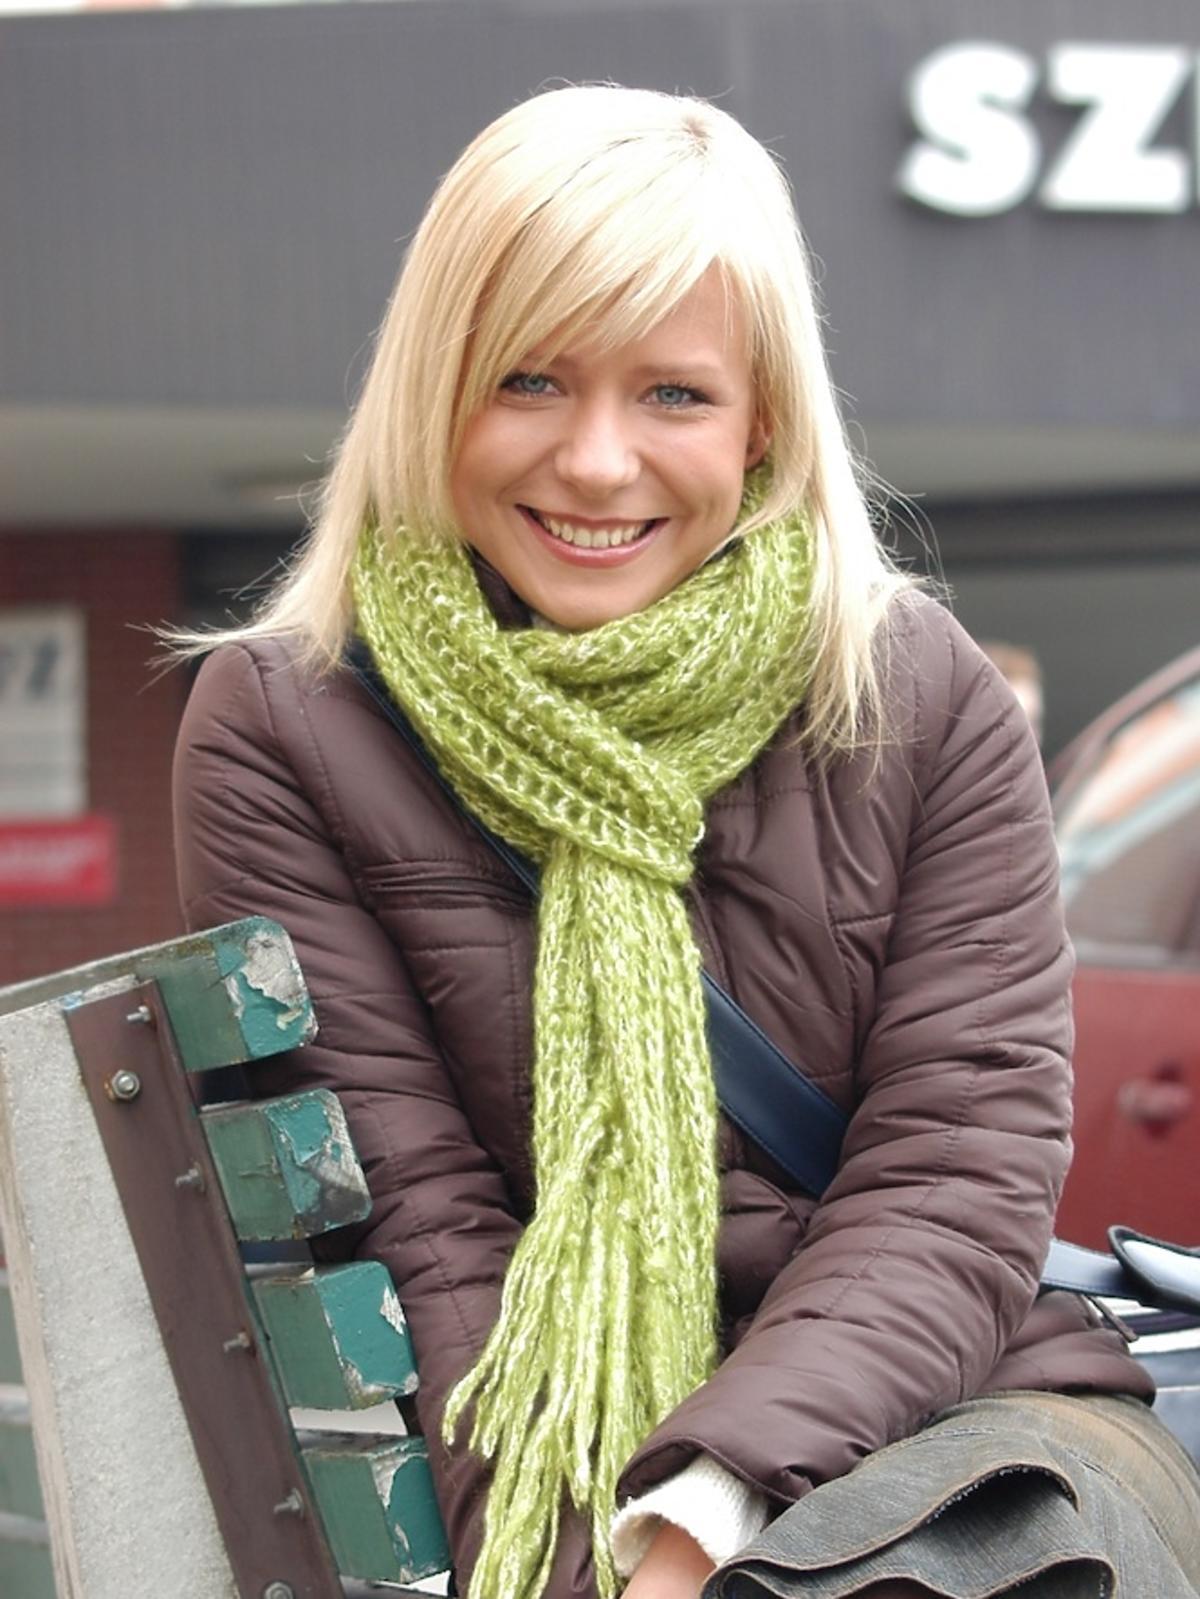 Aneta Zając z zielonym szalikiem w grzywce i blond długich włosach w serialu Pierwsza Miłość z 2005 roku